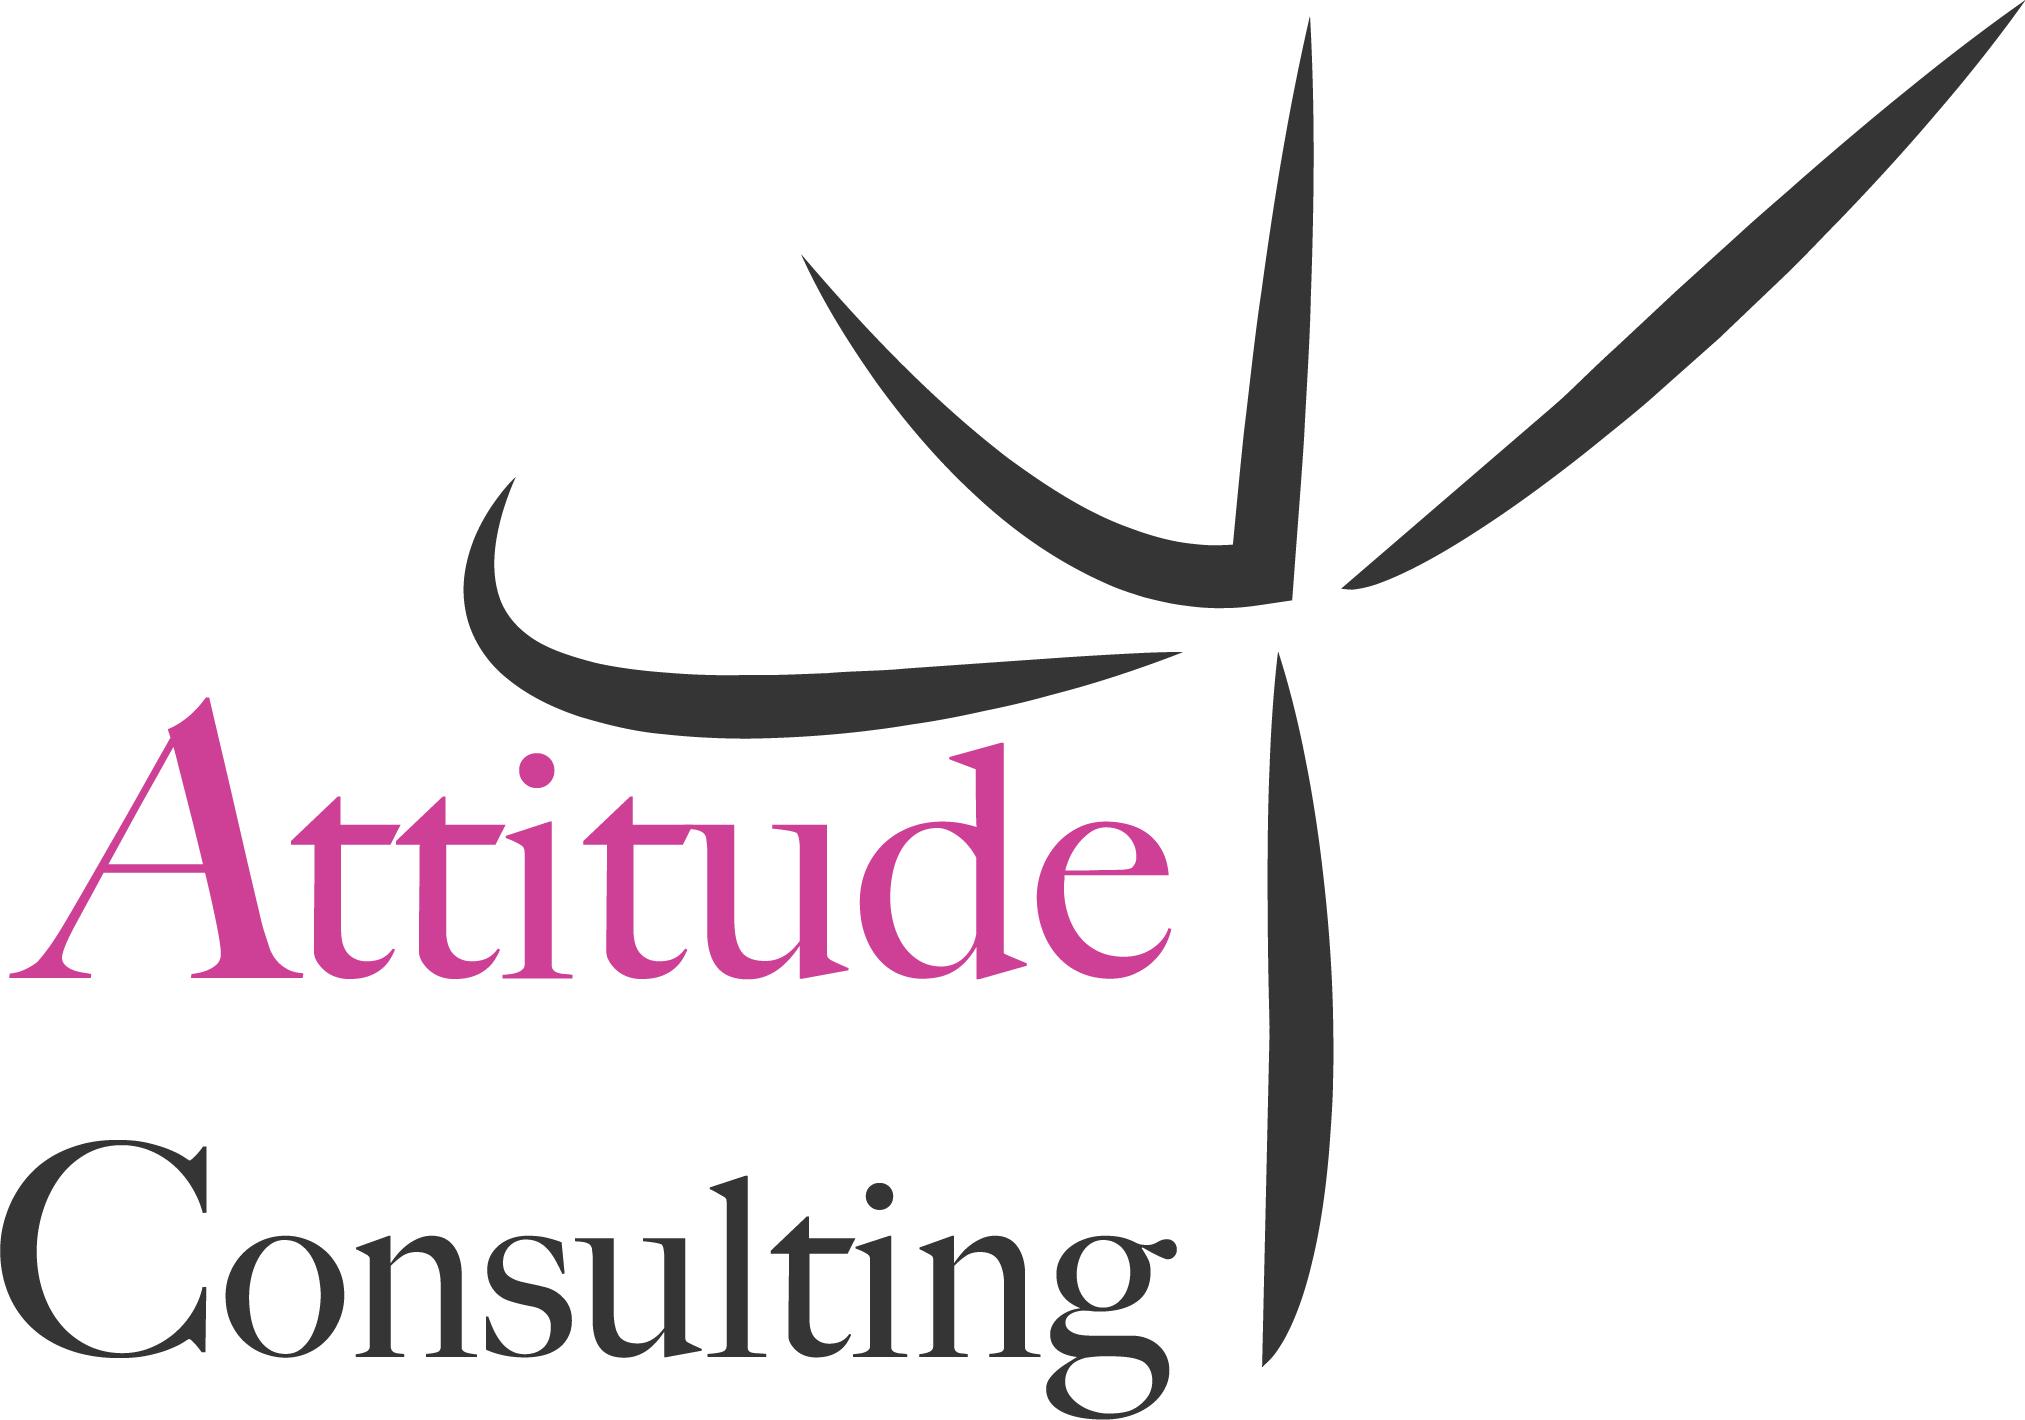 Home - Attitude Consulting